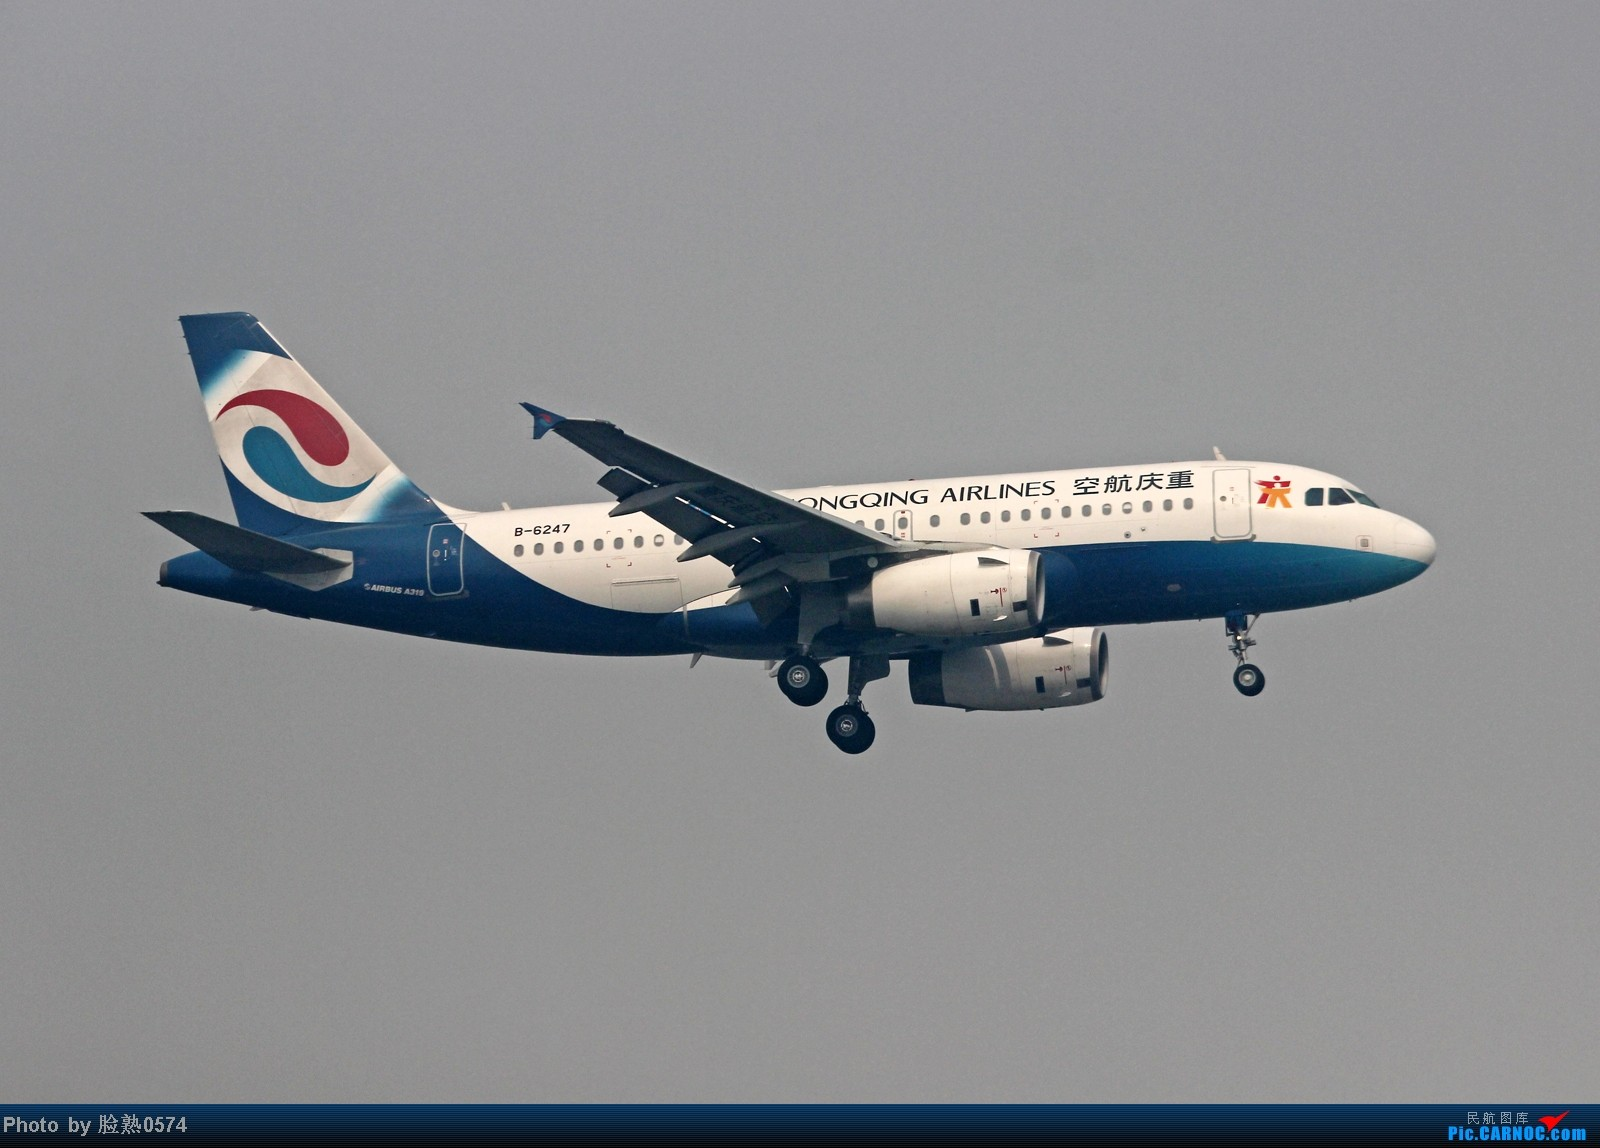 Re:[原创]这两年来首次拍到的航空公司 AIRBUS A319-100 B-6247 中国杭州萧山机场